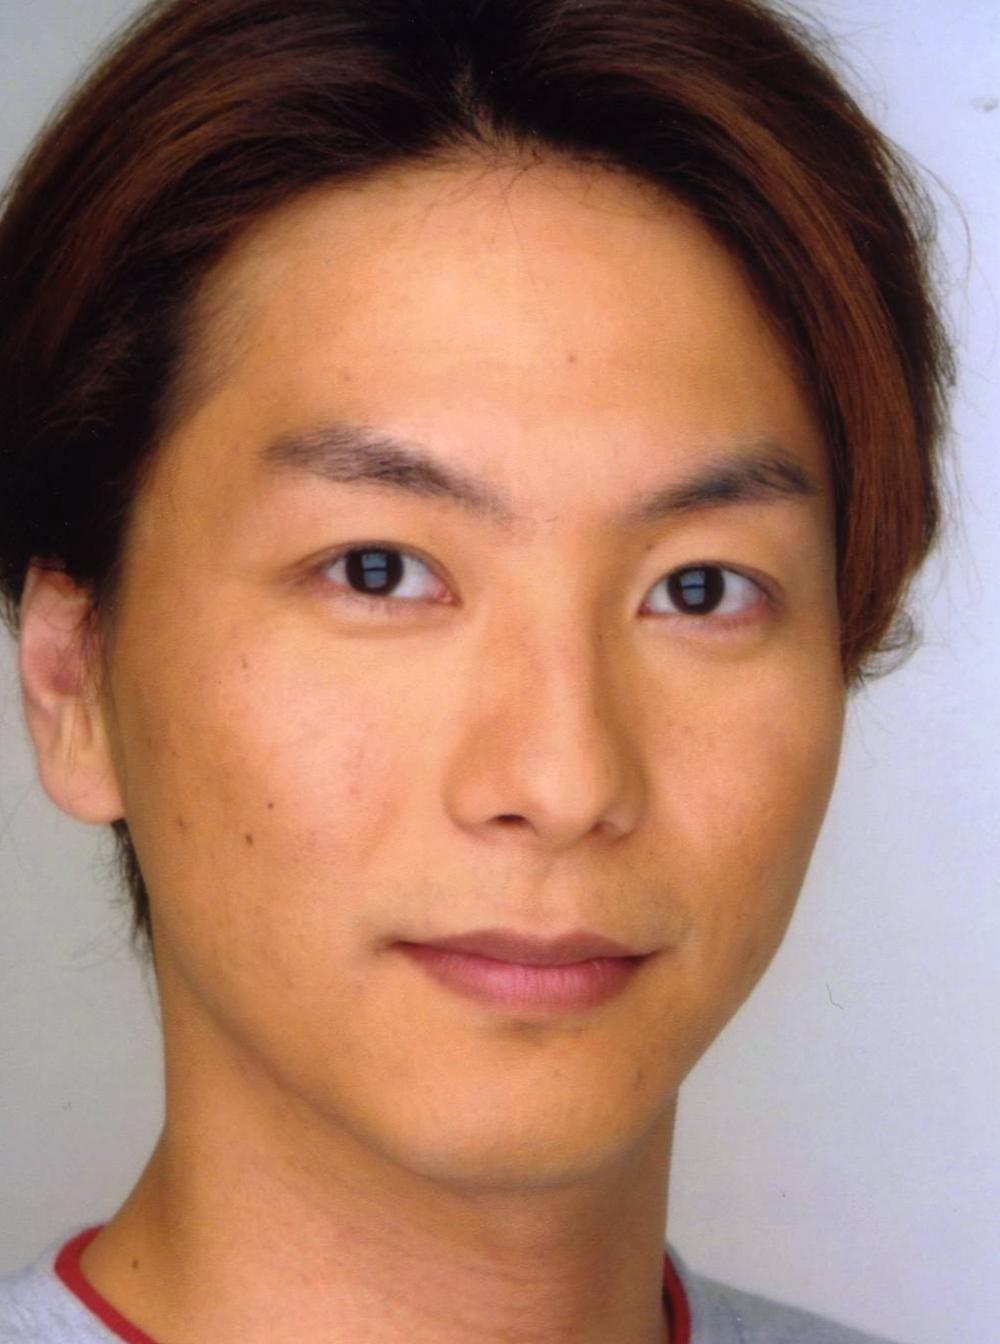 File:TomohiroTsuboi.png